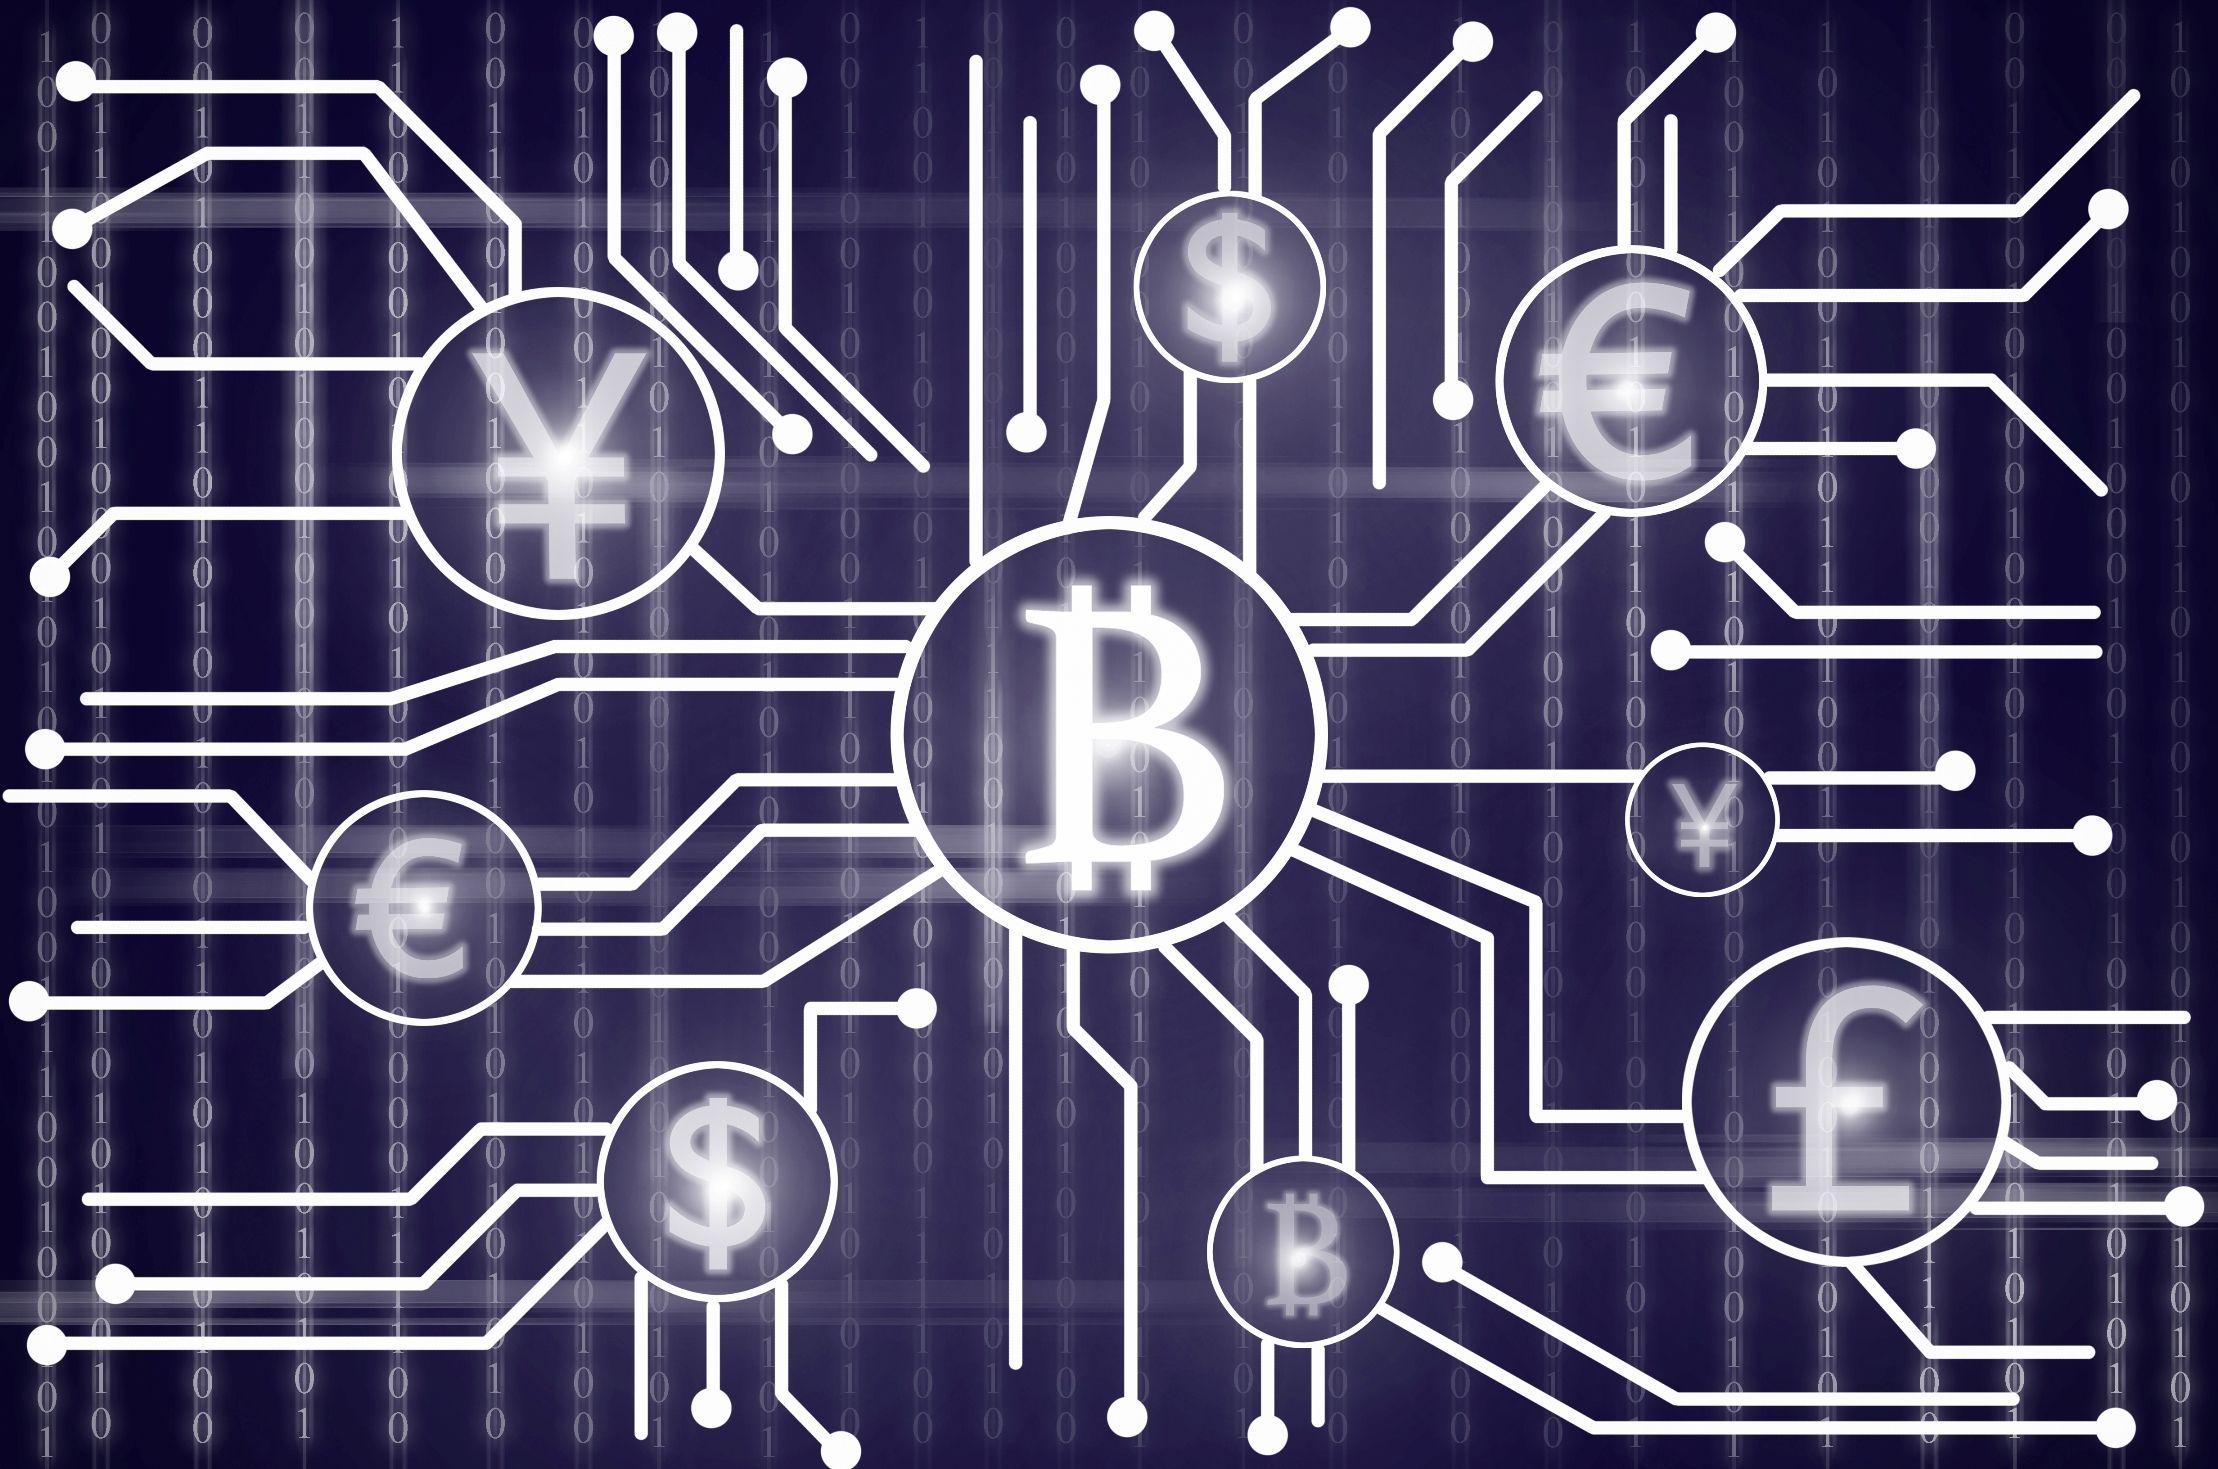 Блокчейн: глобальний суперкомп'ютер, який відповідає тільки кодом?